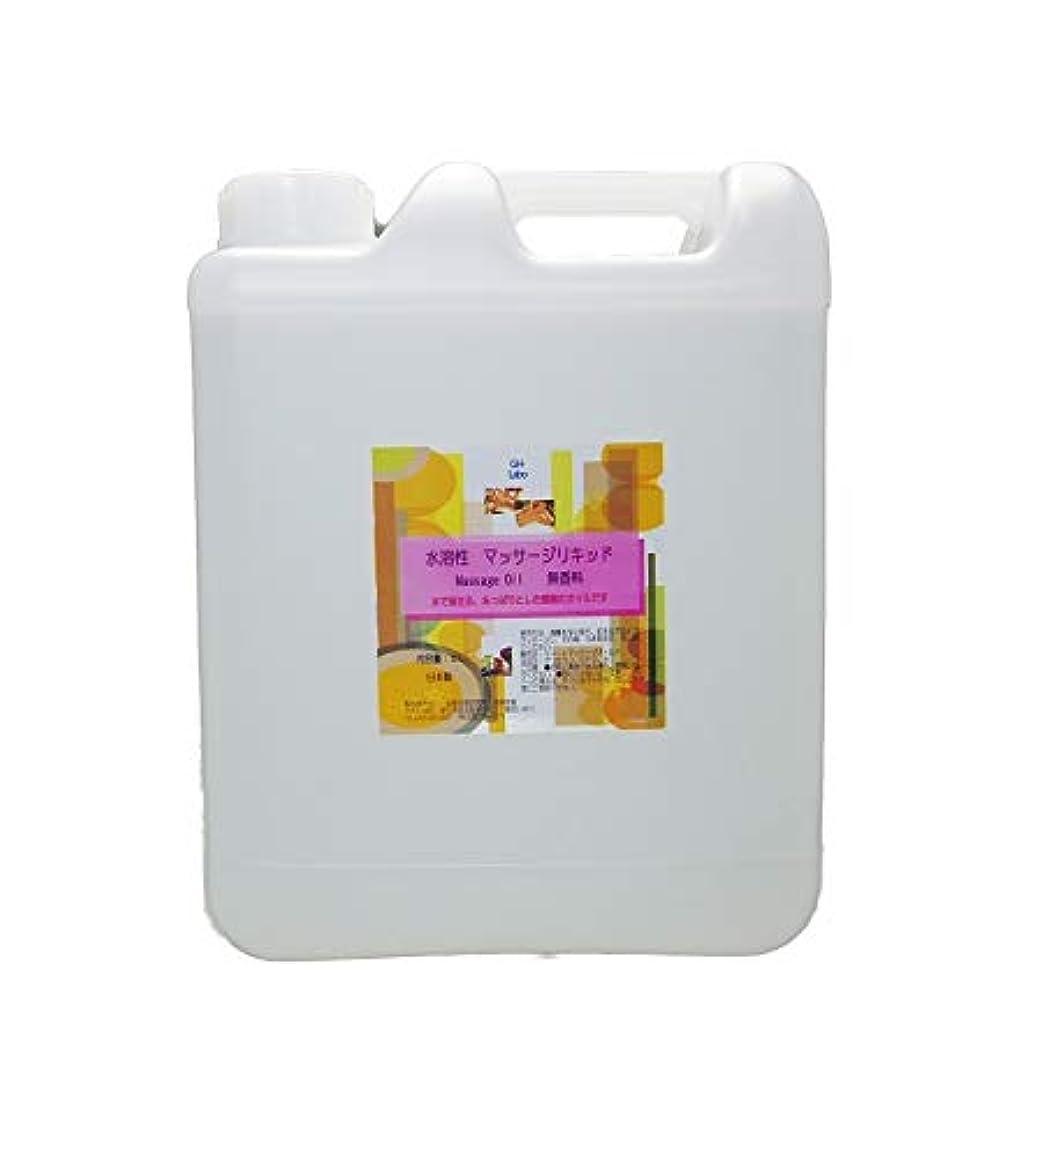 転送防水モードGH-Labo 水溶性マッサージリキッド(マッサージオイル) 5L